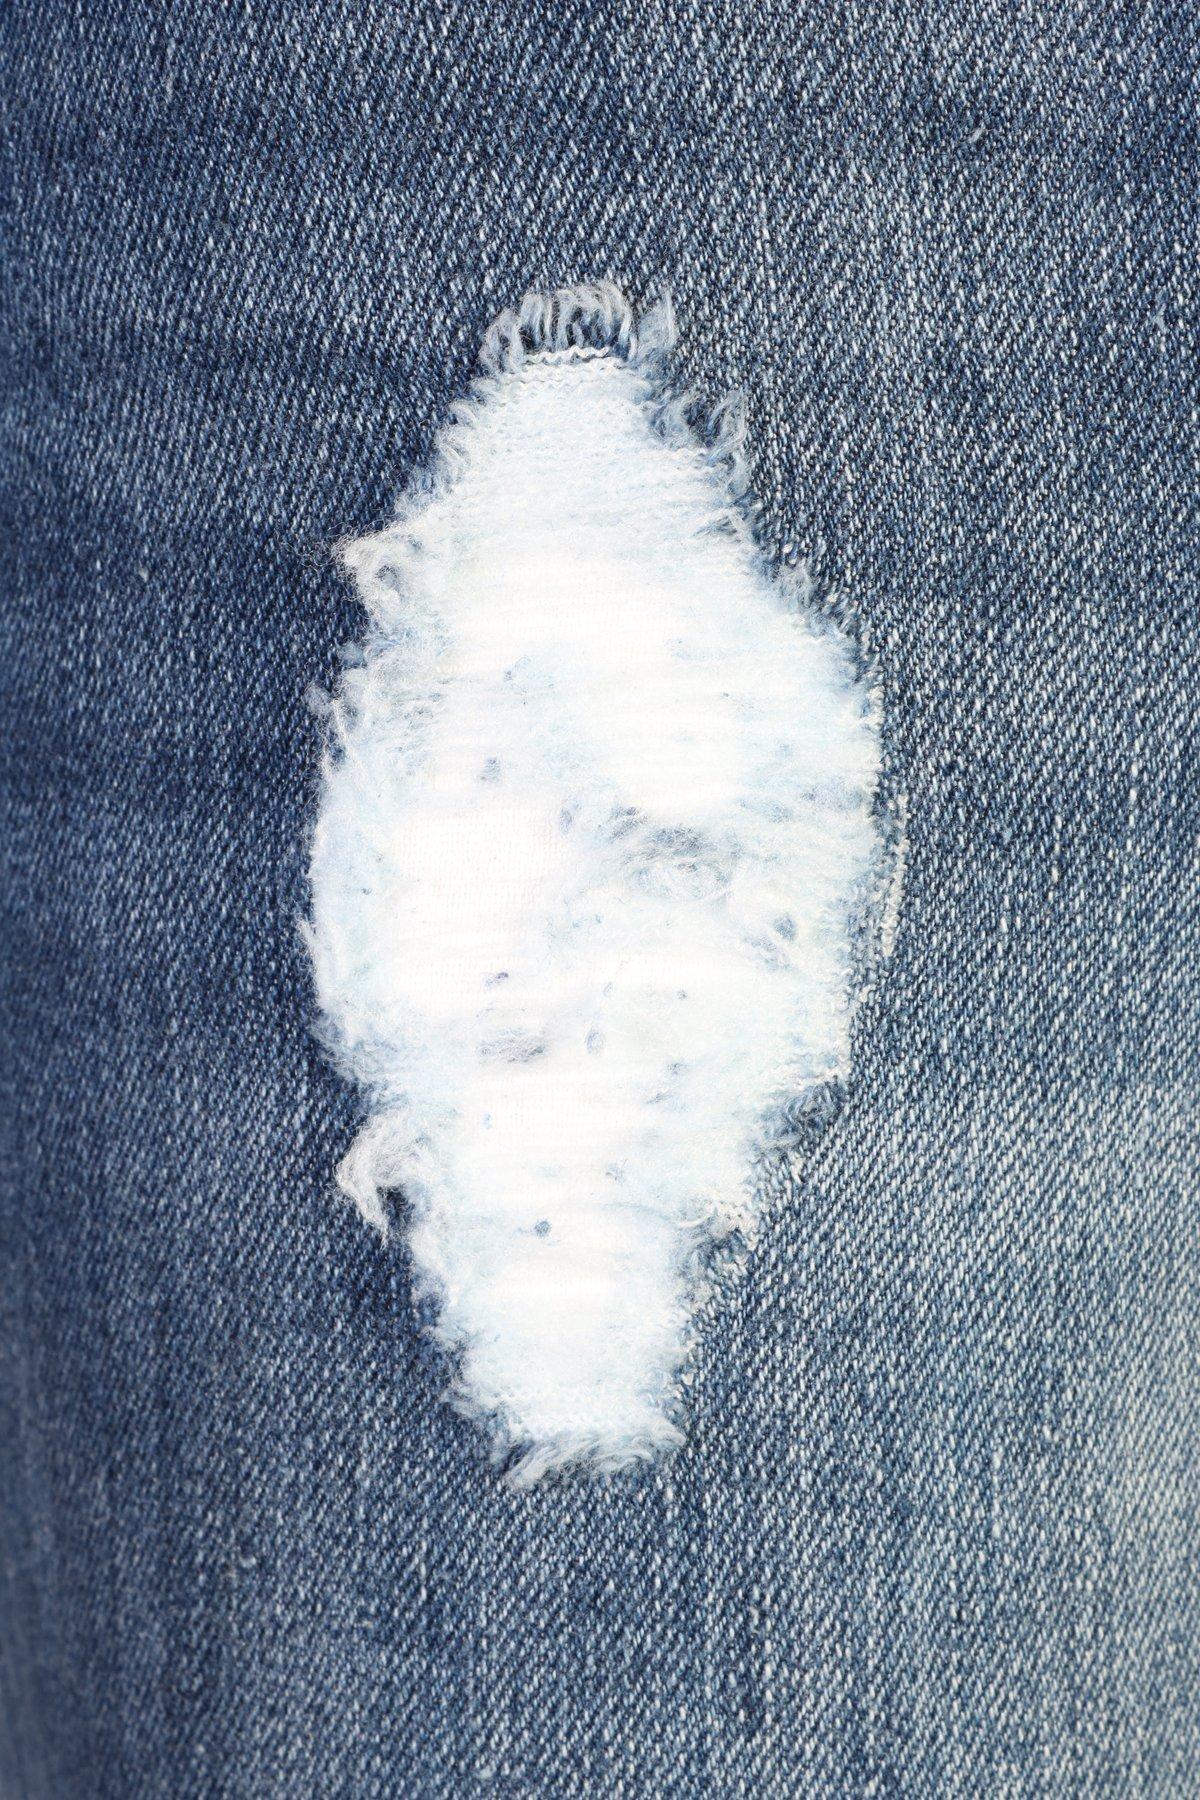 dollhouse Women's Distressed Stretch Frayed Hem Skinny Capri Jeans, Dark, Size 14' by dollhouse (Image #2)